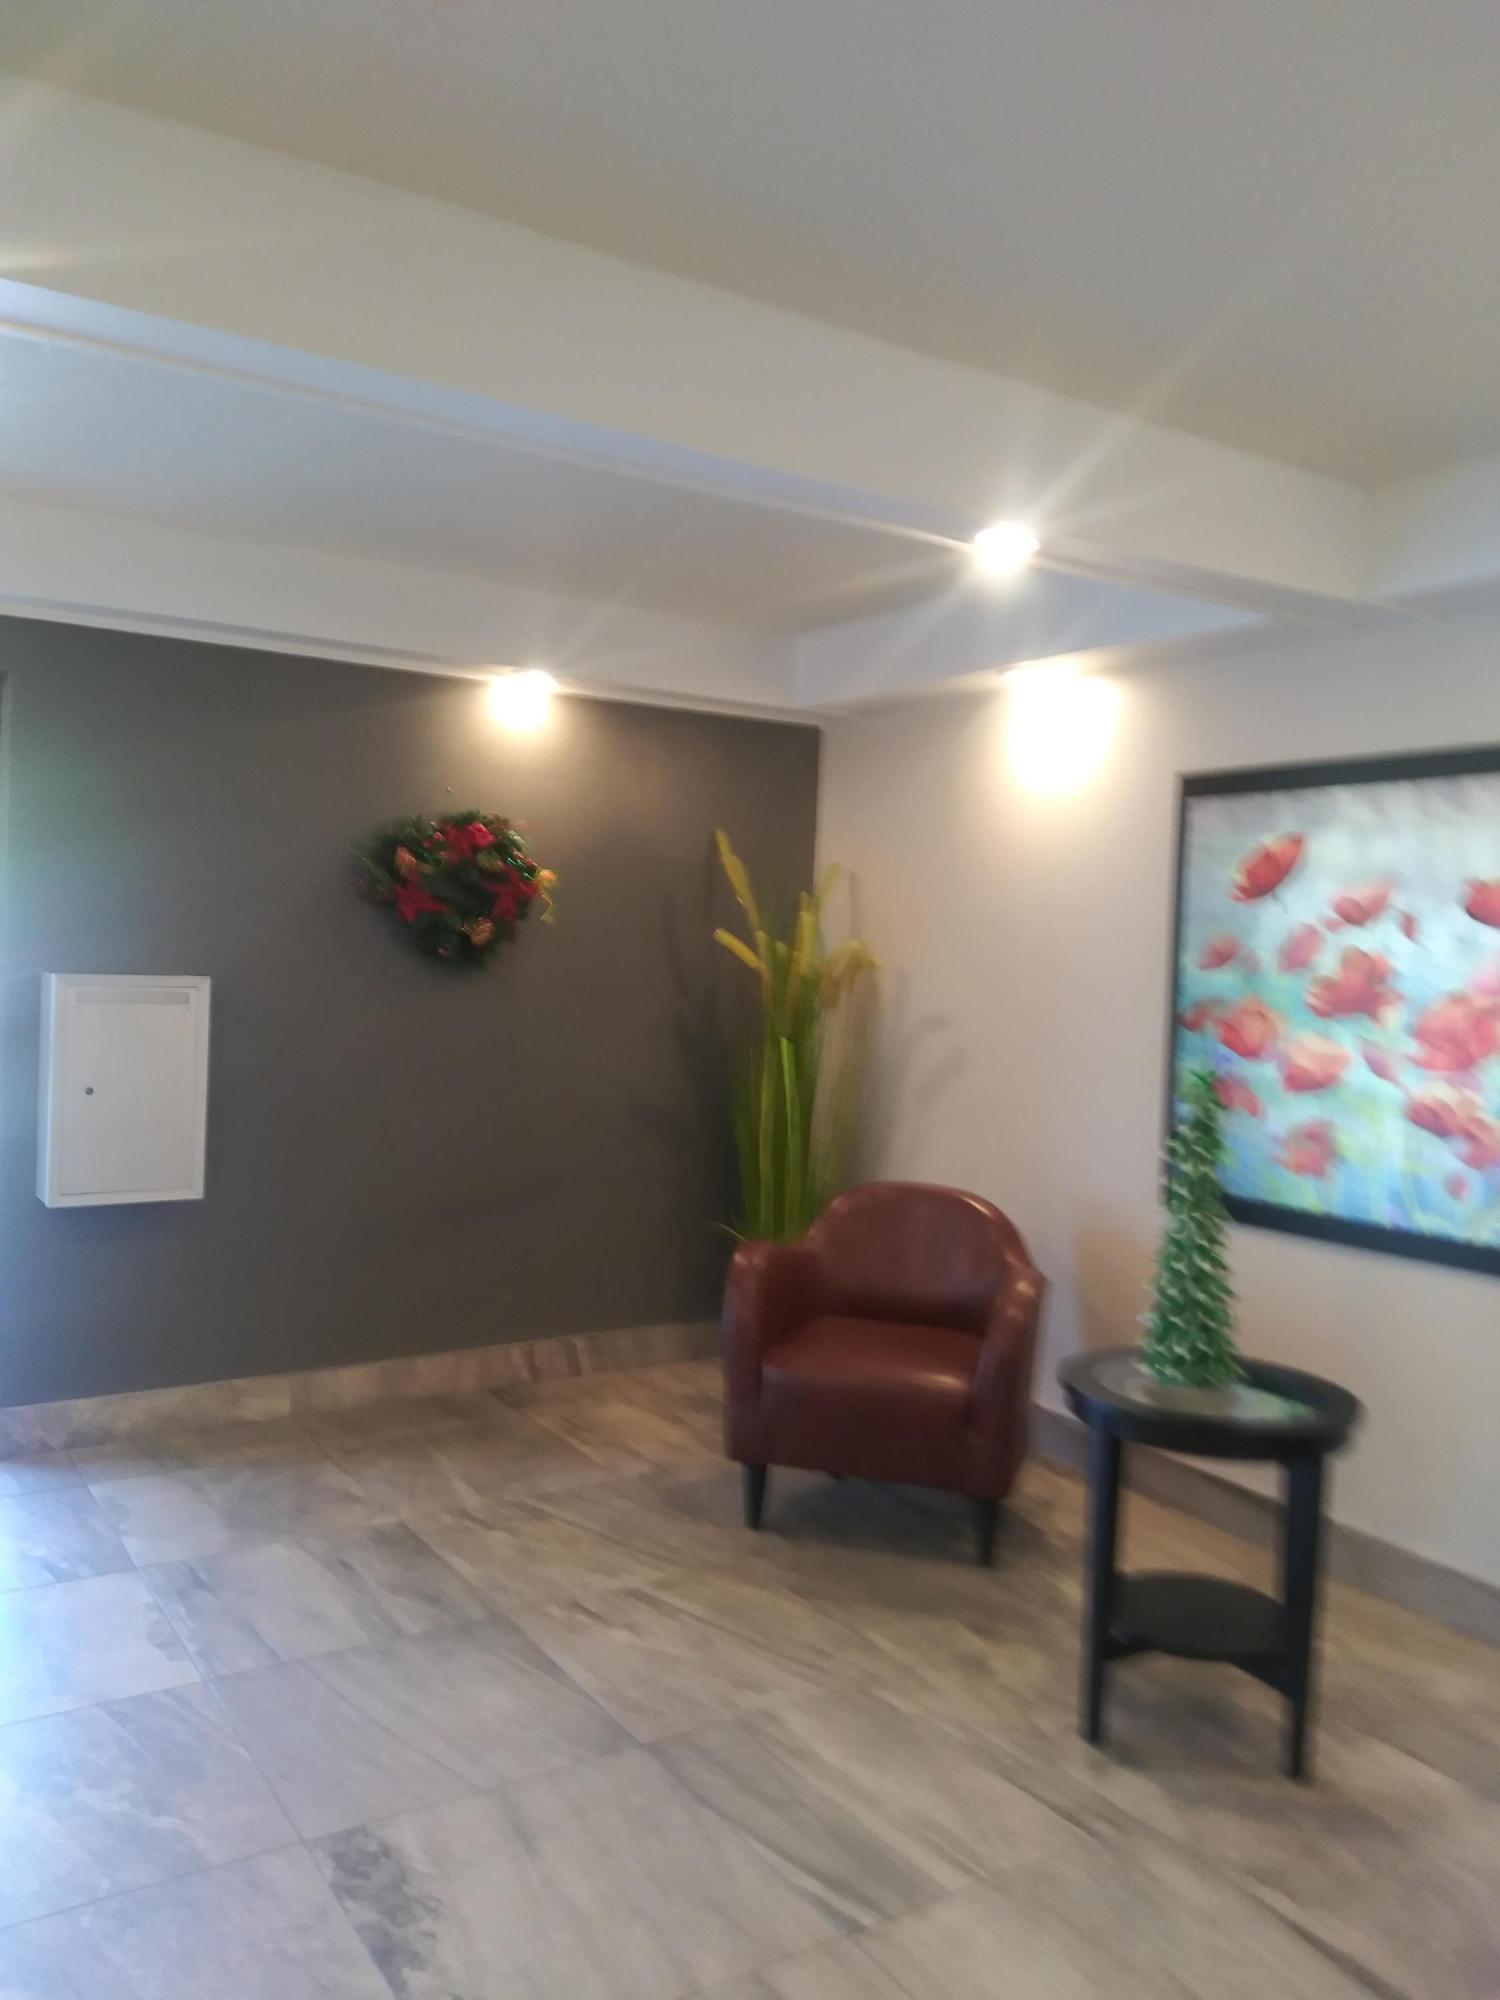 Lobby on building